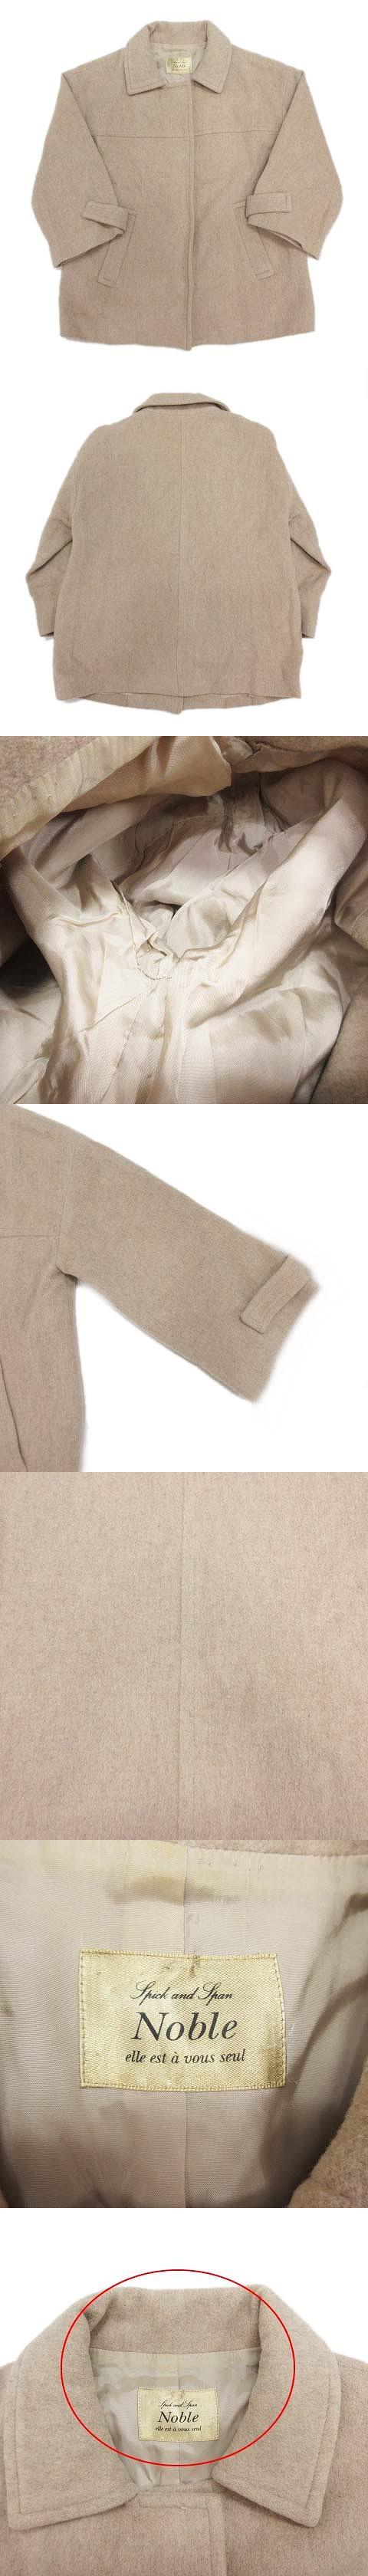 ステンカラーコート ショート丈 ジャケット カシミヤブレンド ブルゾン 36 ベージュ/7◎3